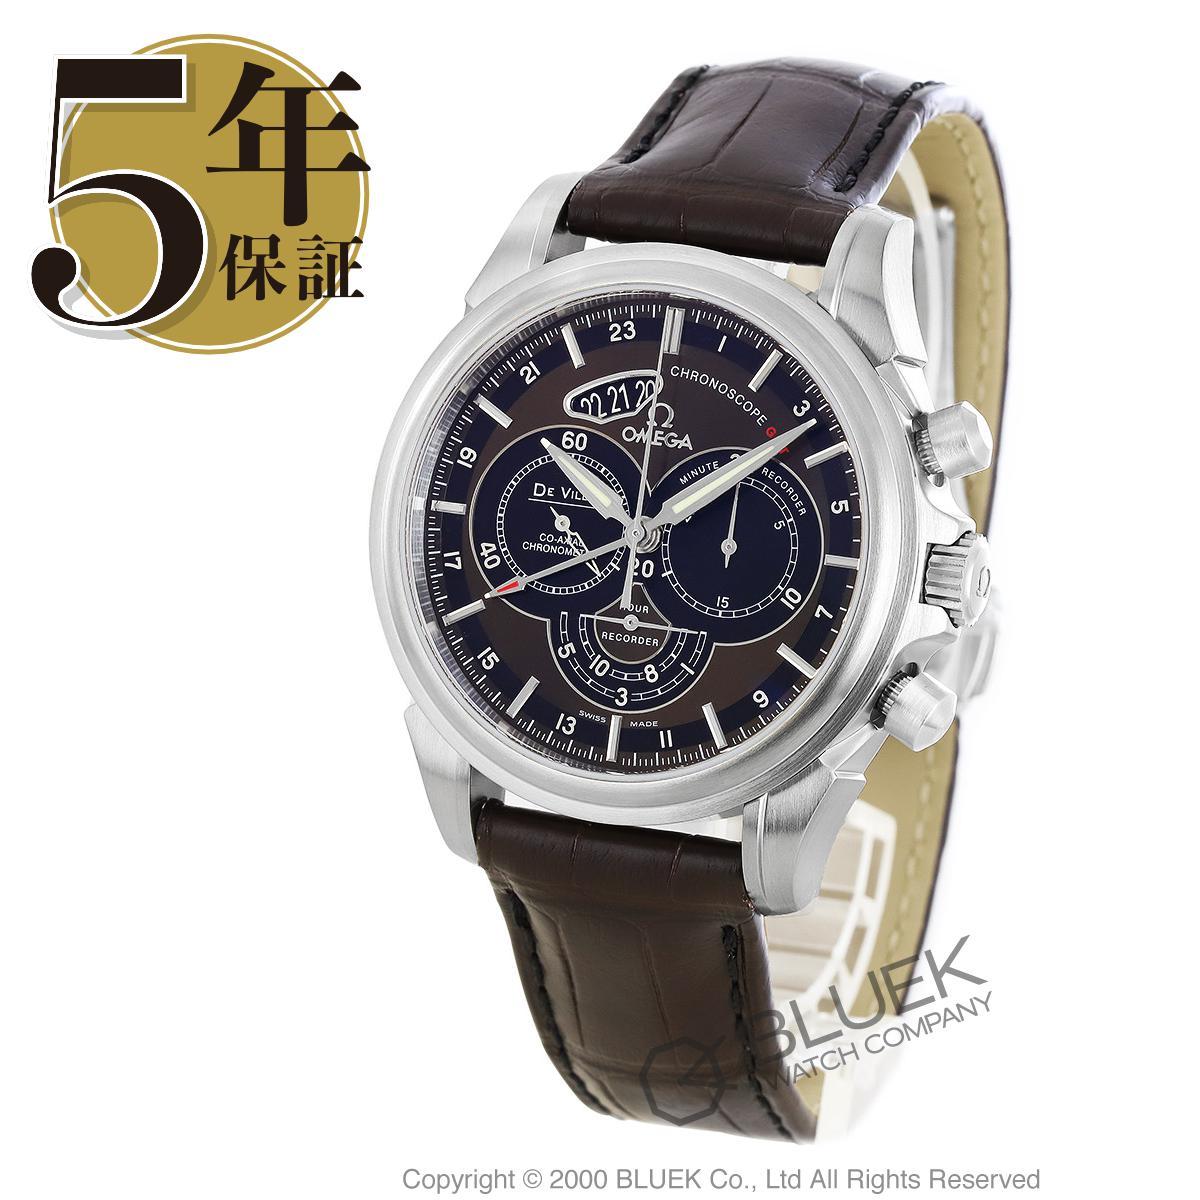 オメガ デビル コーアクシャル クロノスコープ クロノグラフ GMT アリゲーターレザー 腕時計 メンズ OMEGA 422.13.44.52.13.001_5